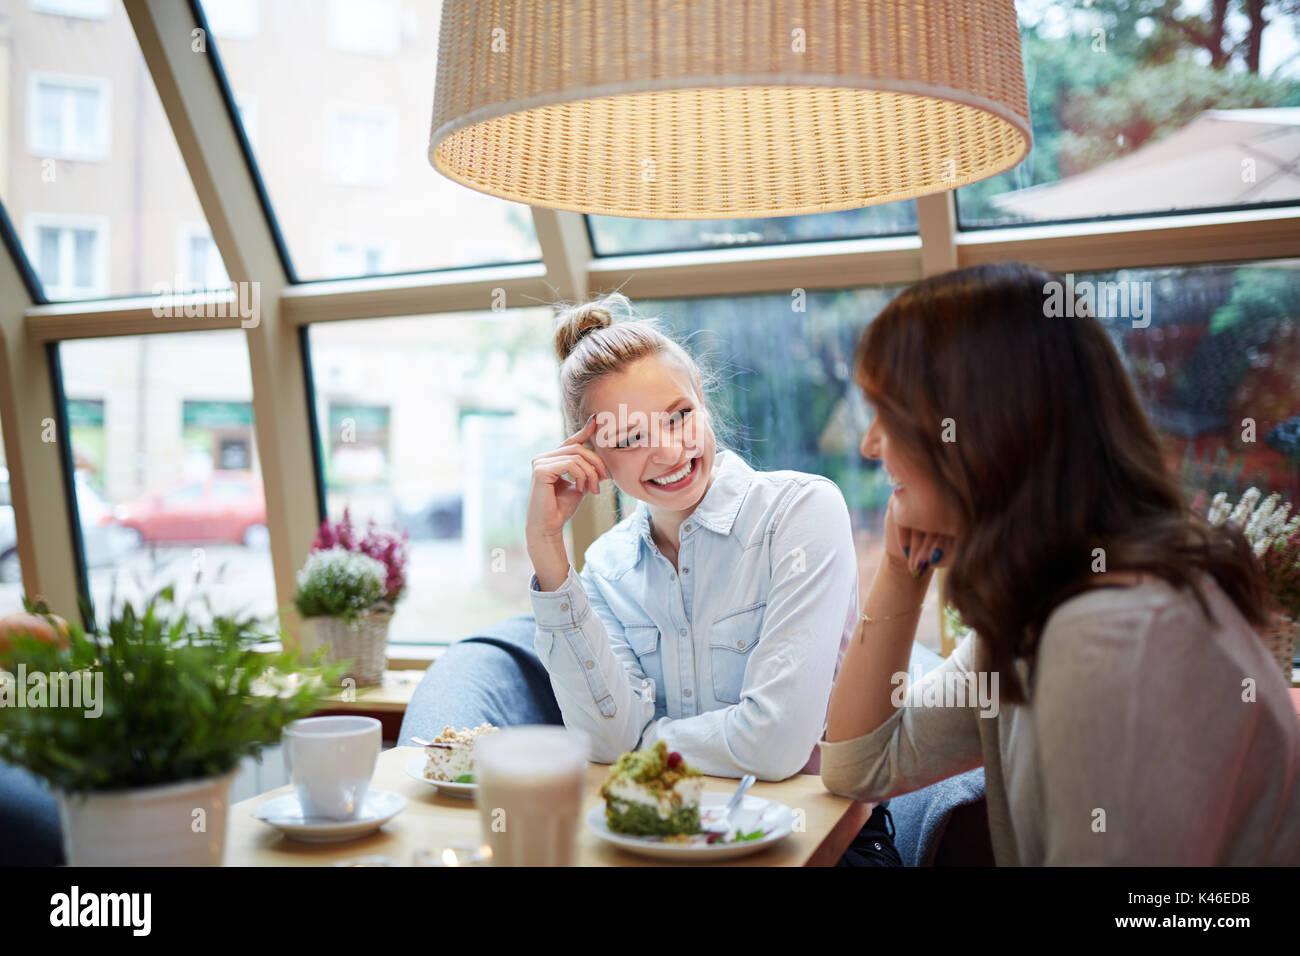 Retrato de mujer joven con agradable conversación en el café. Imagen De Stock